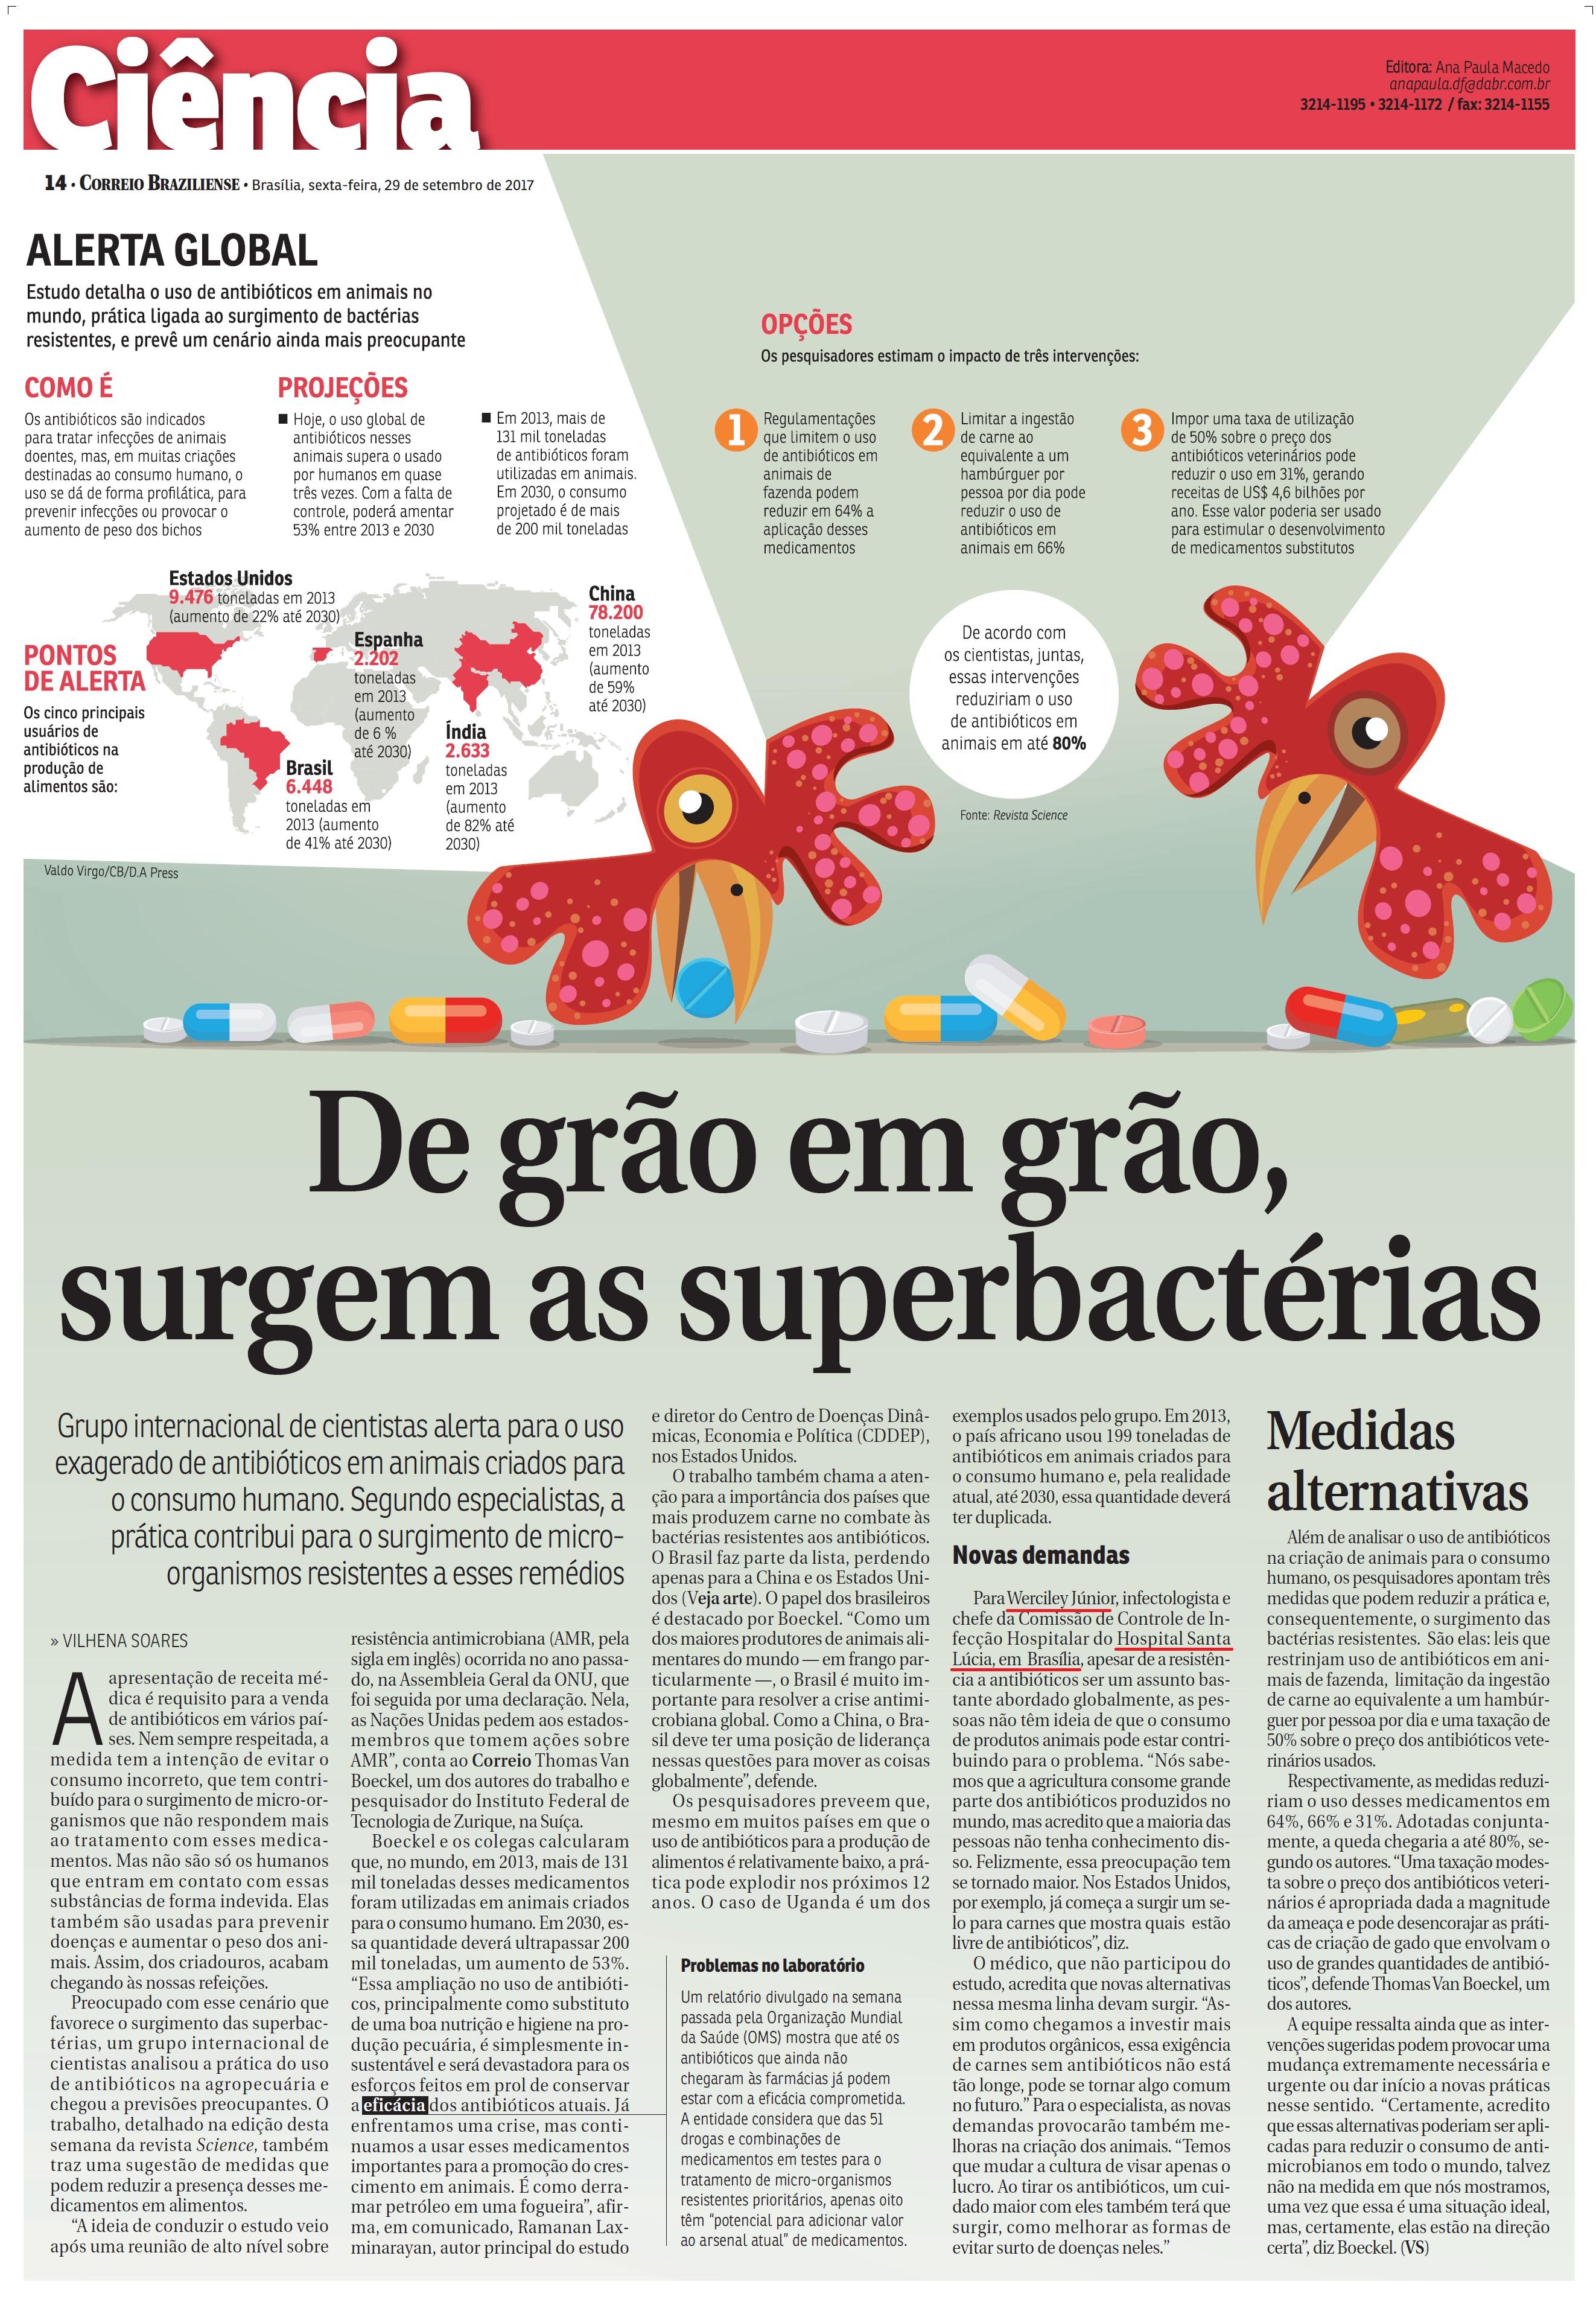 Correio Braziliense - Dr. Werciley Júnior HSL - 29-09-2017